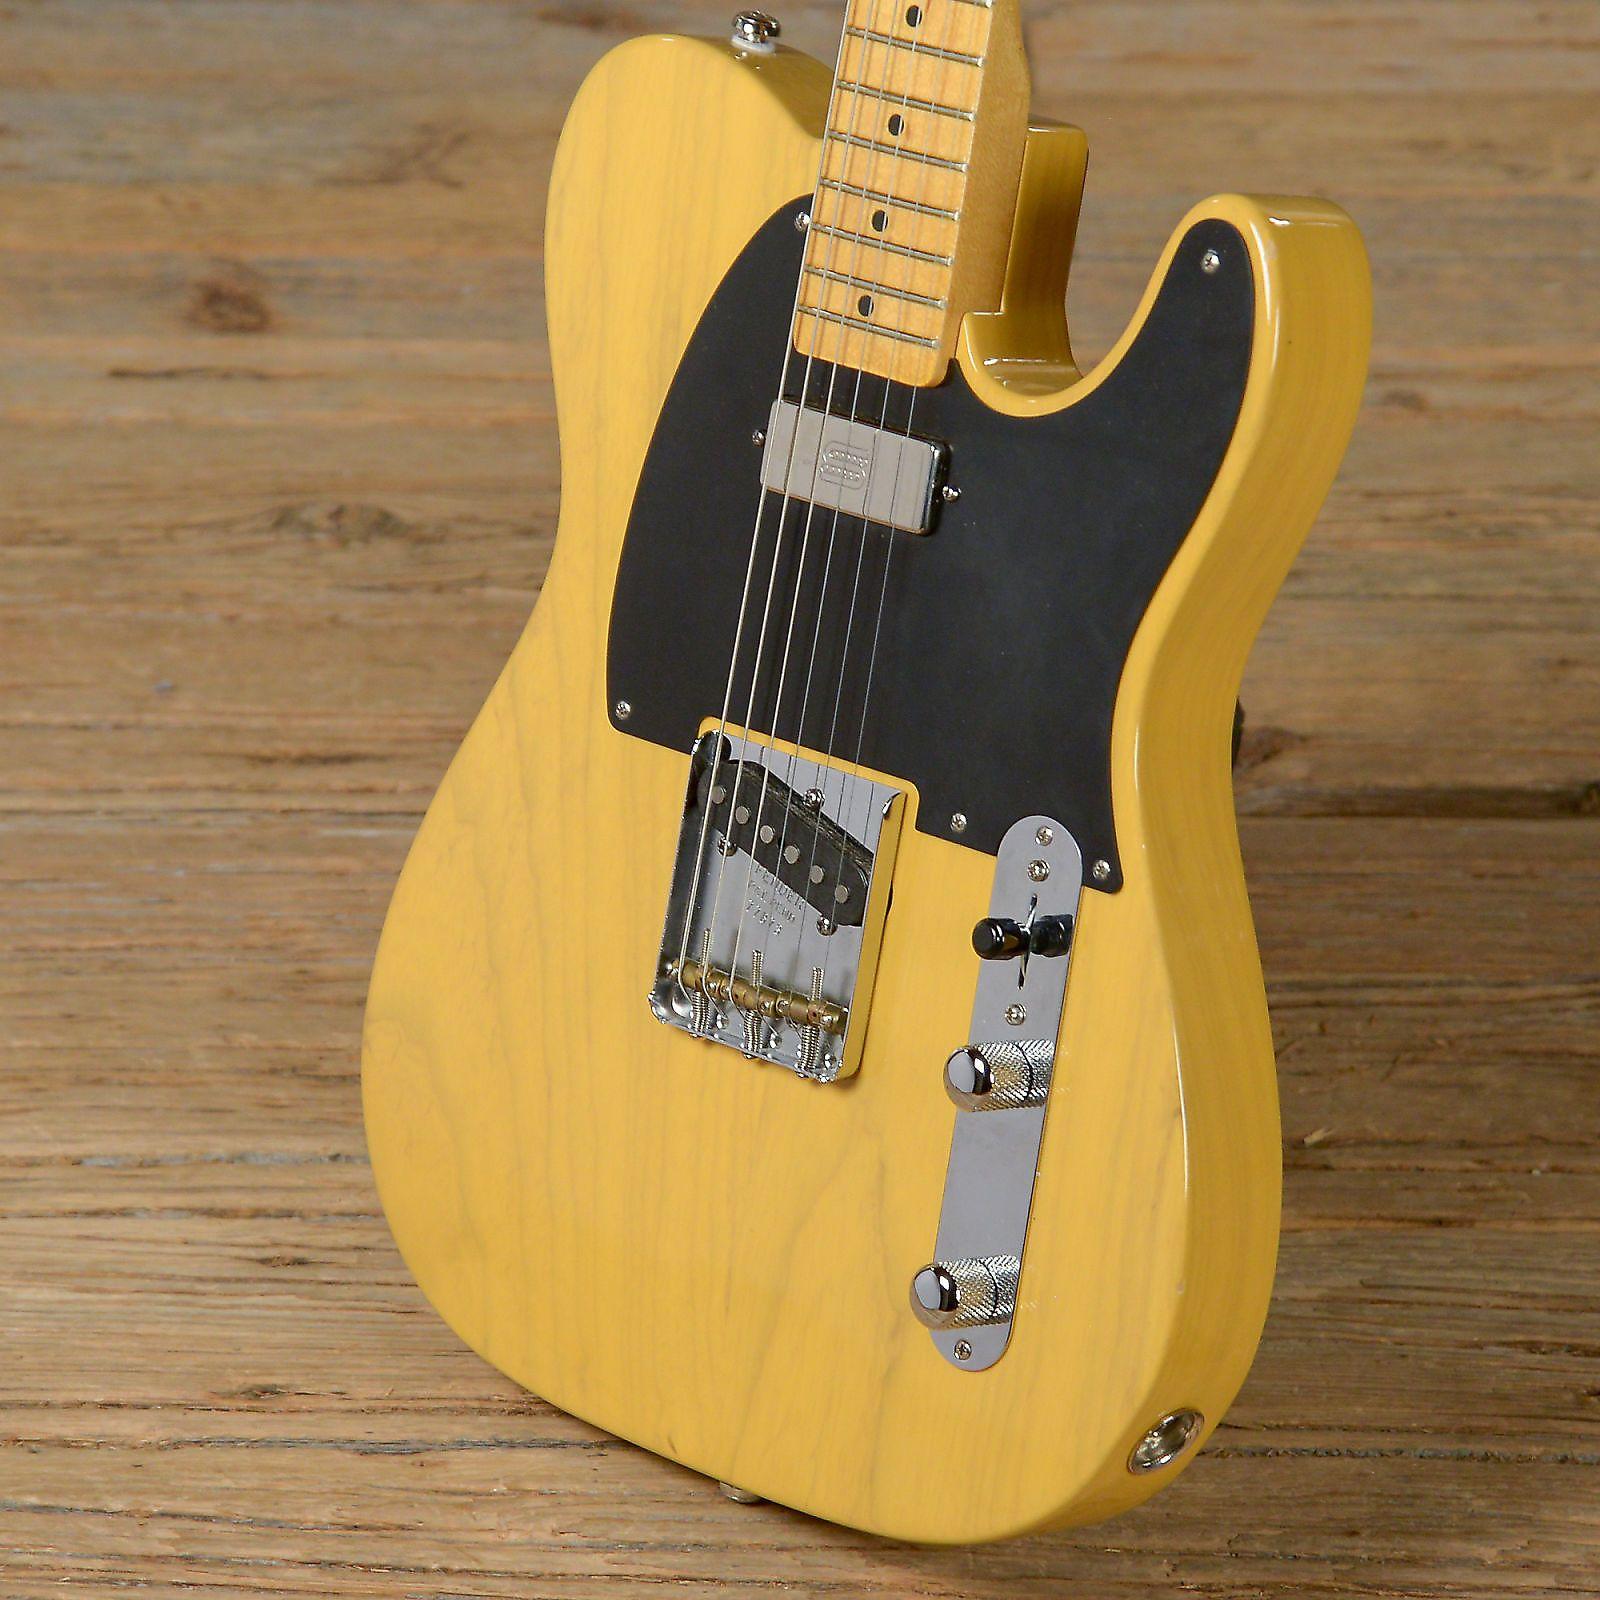 hipocresía Duplicación No de moda  Fender Vintage Hot Rod '52 Telecaster 2007 - 2013   Reverb   Telecaster, 52  telecaster, Fender telecaster